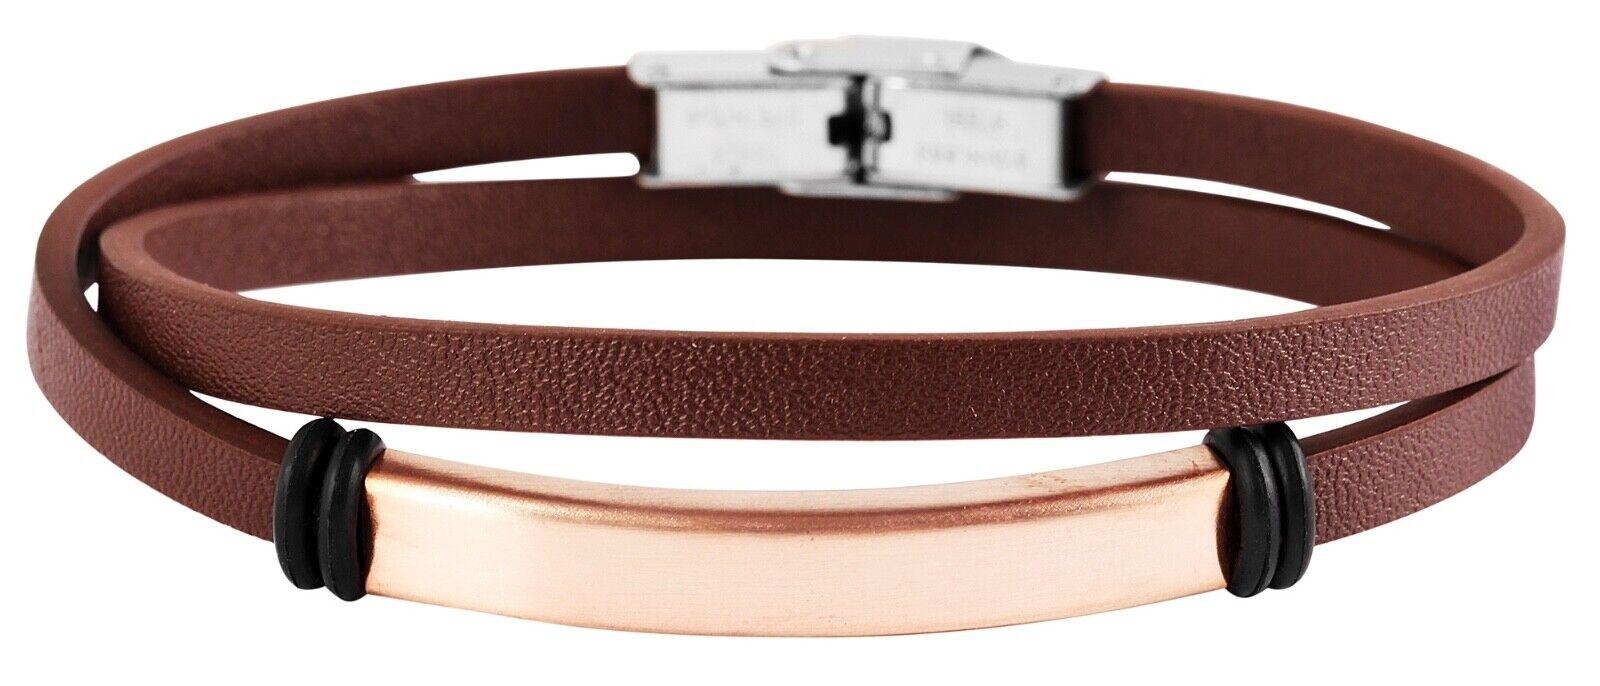 Wickelarmband - Modell 7